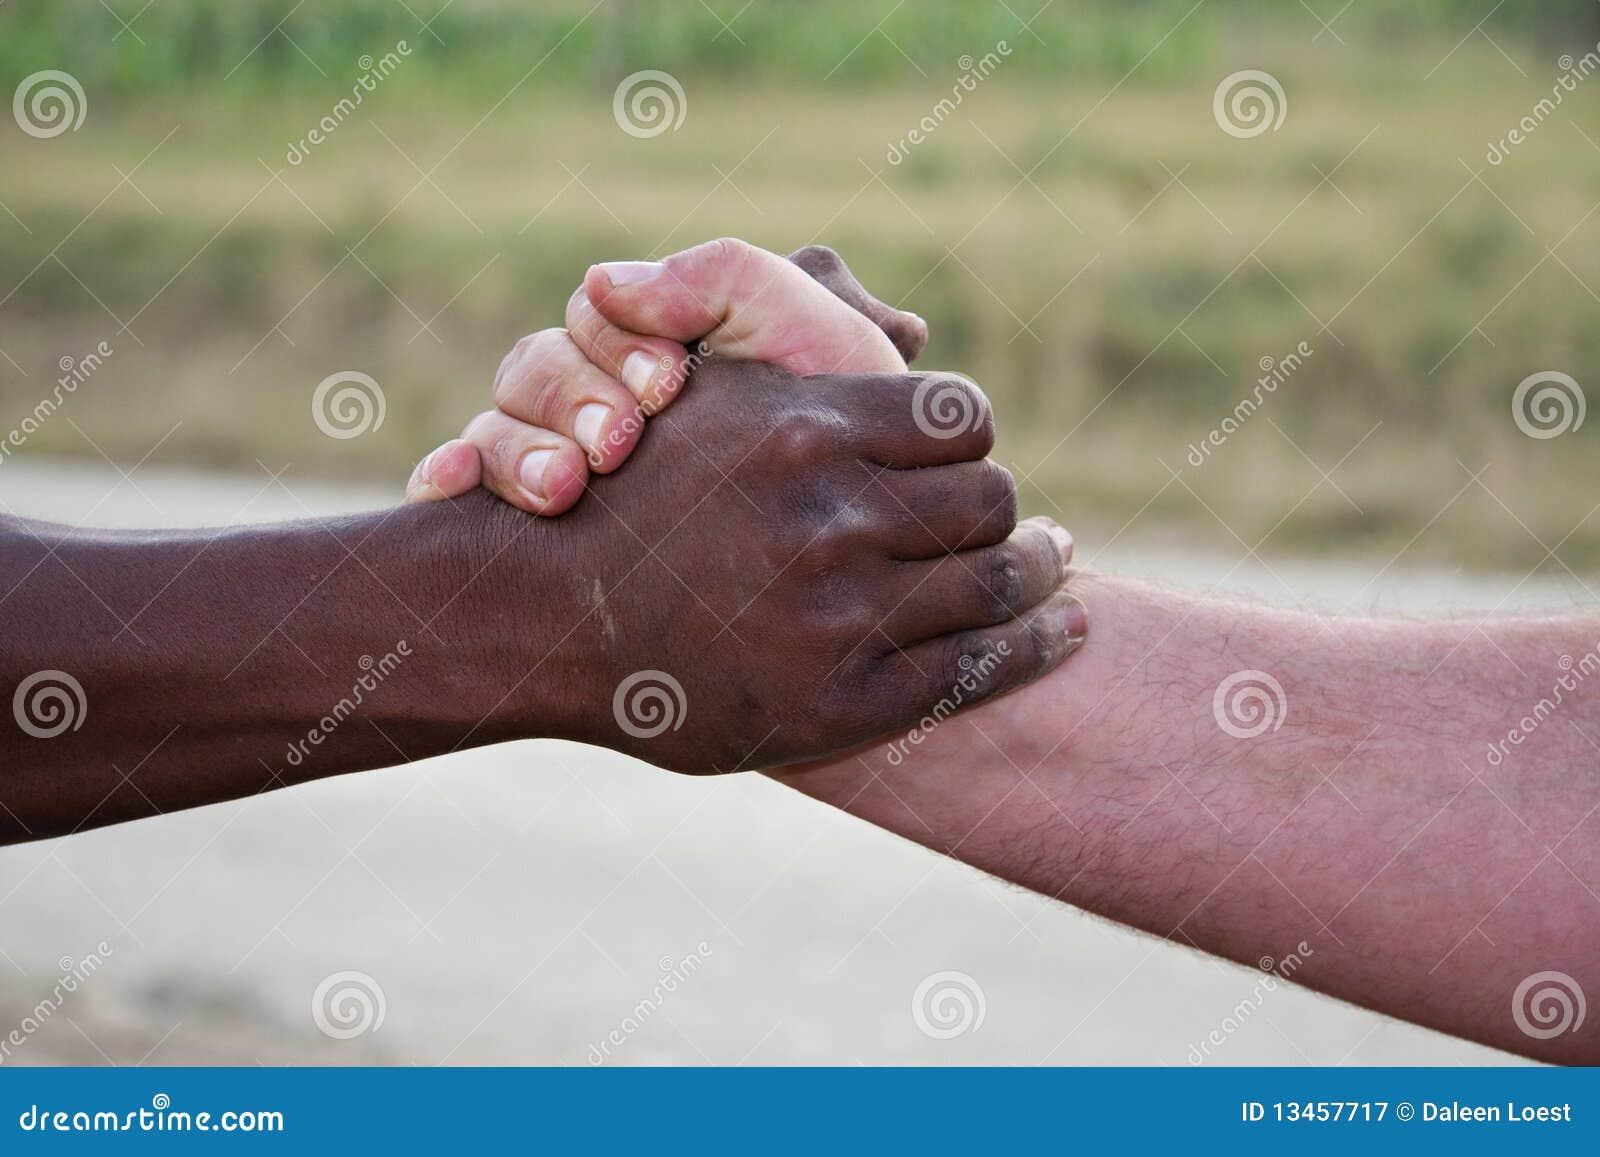 Imagens De Cumprimento: Cumprimento Africano Imagem De Stock. Imagem De Diferente